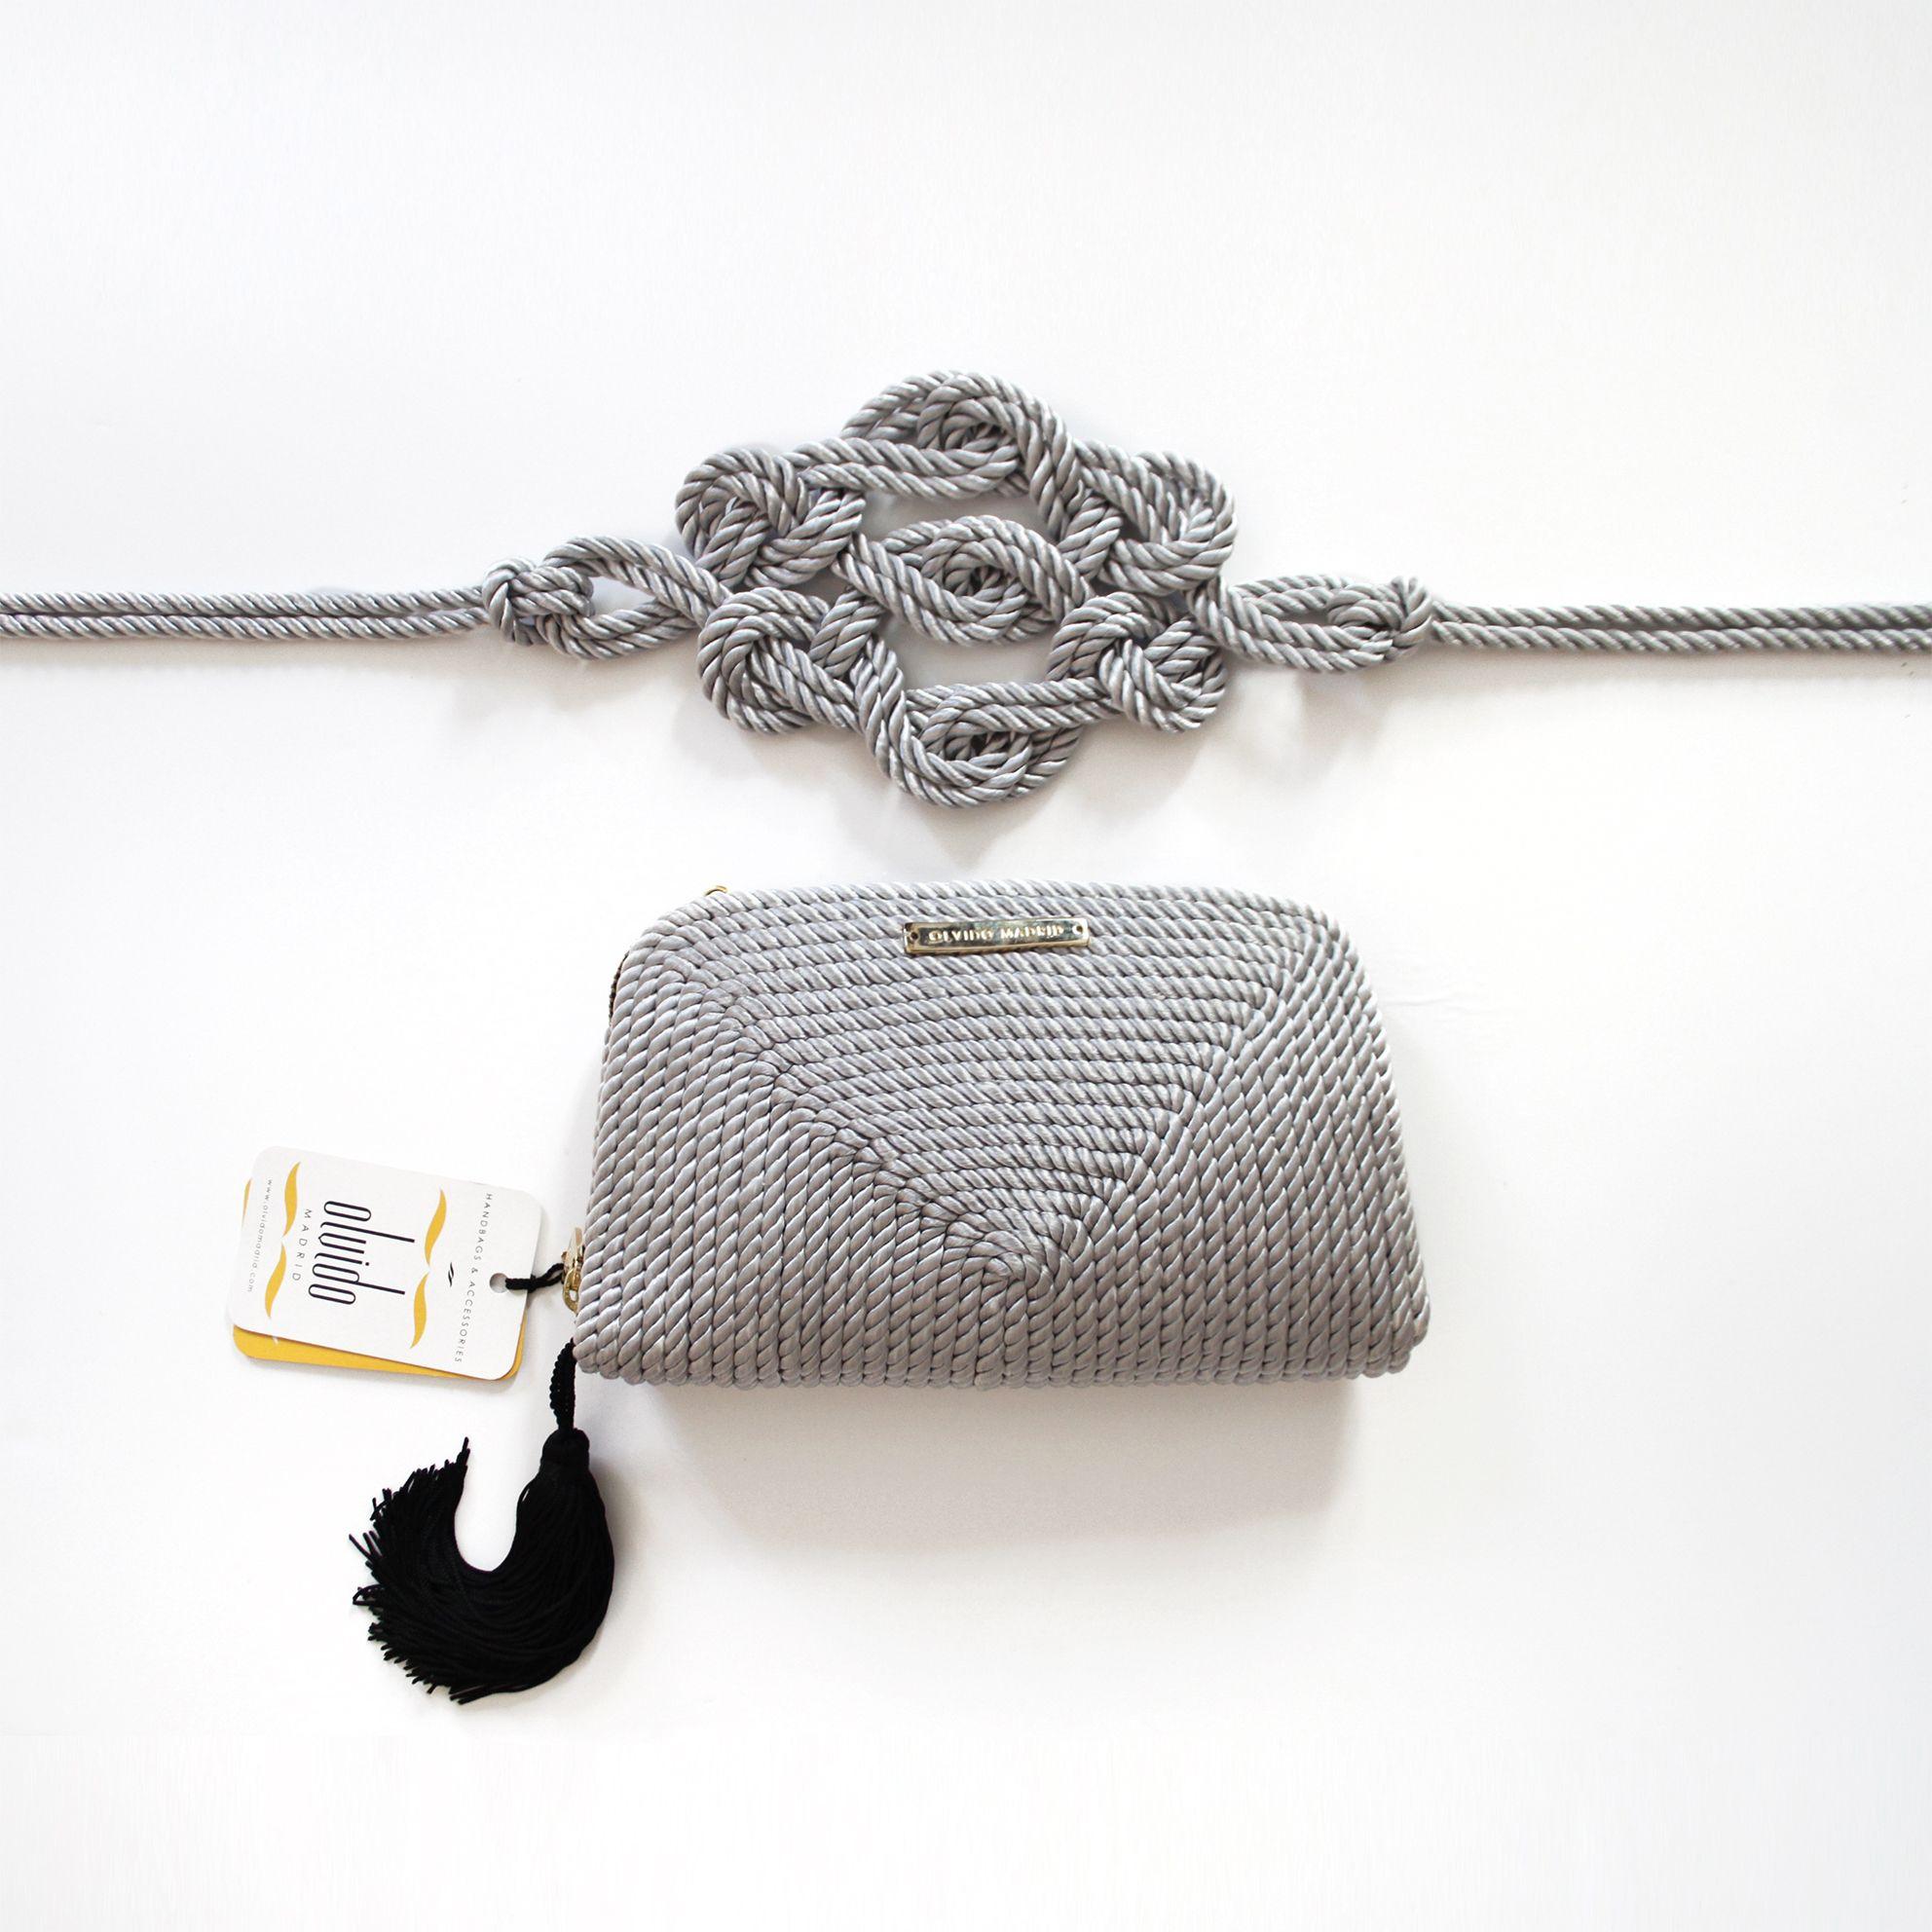 984909929 Bolso de fiesta y cinturón hecho en cordón de seda | Modelo Jimena y  Marieta en gris plata | Diseños OLVIDO MADRID | www.olvidomadrid.es